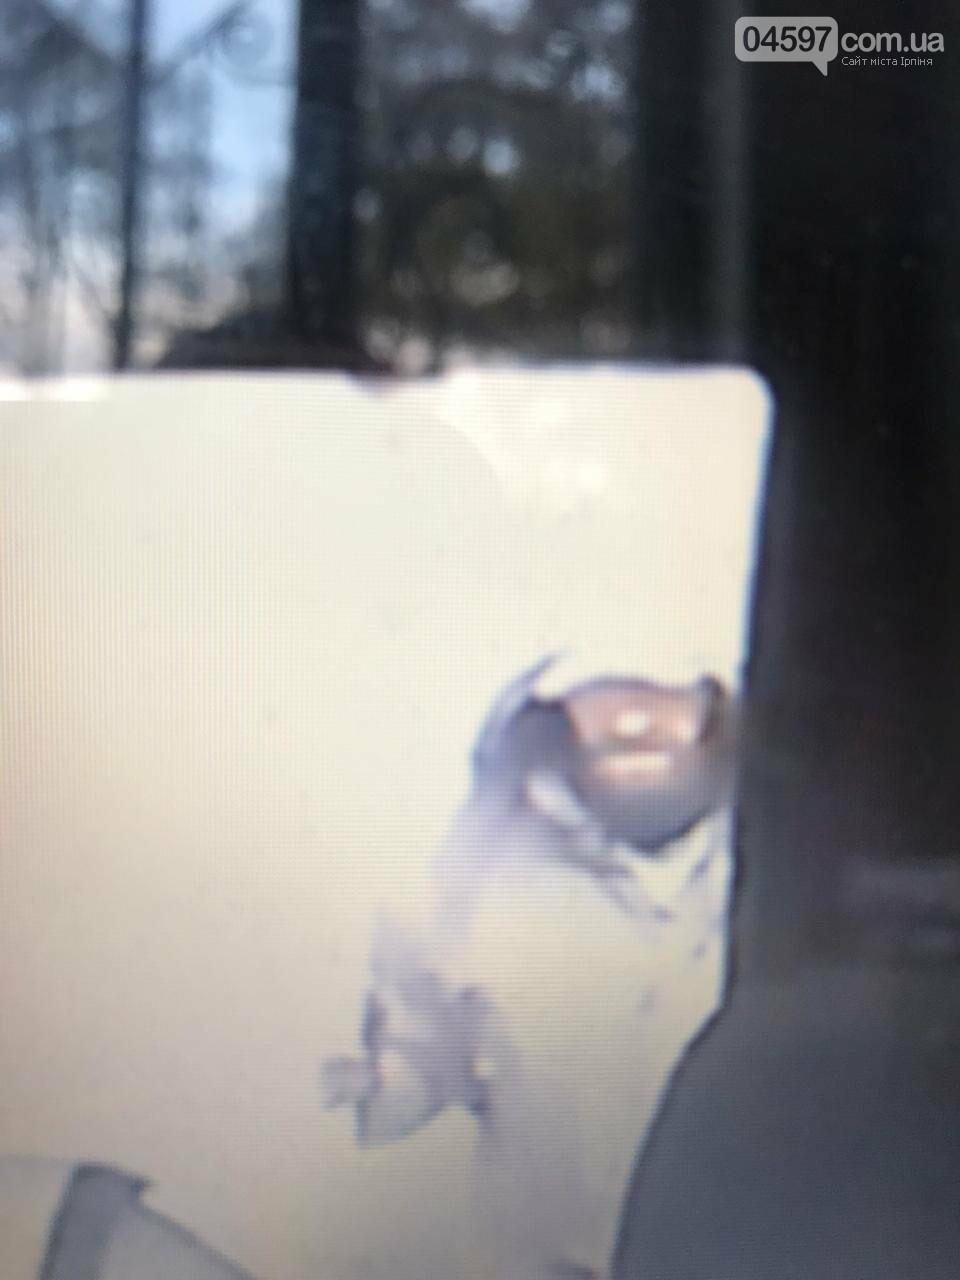 ПриватБанк оприлюднив фото нападника на інкасаторське авто в Ірпені, фото-1